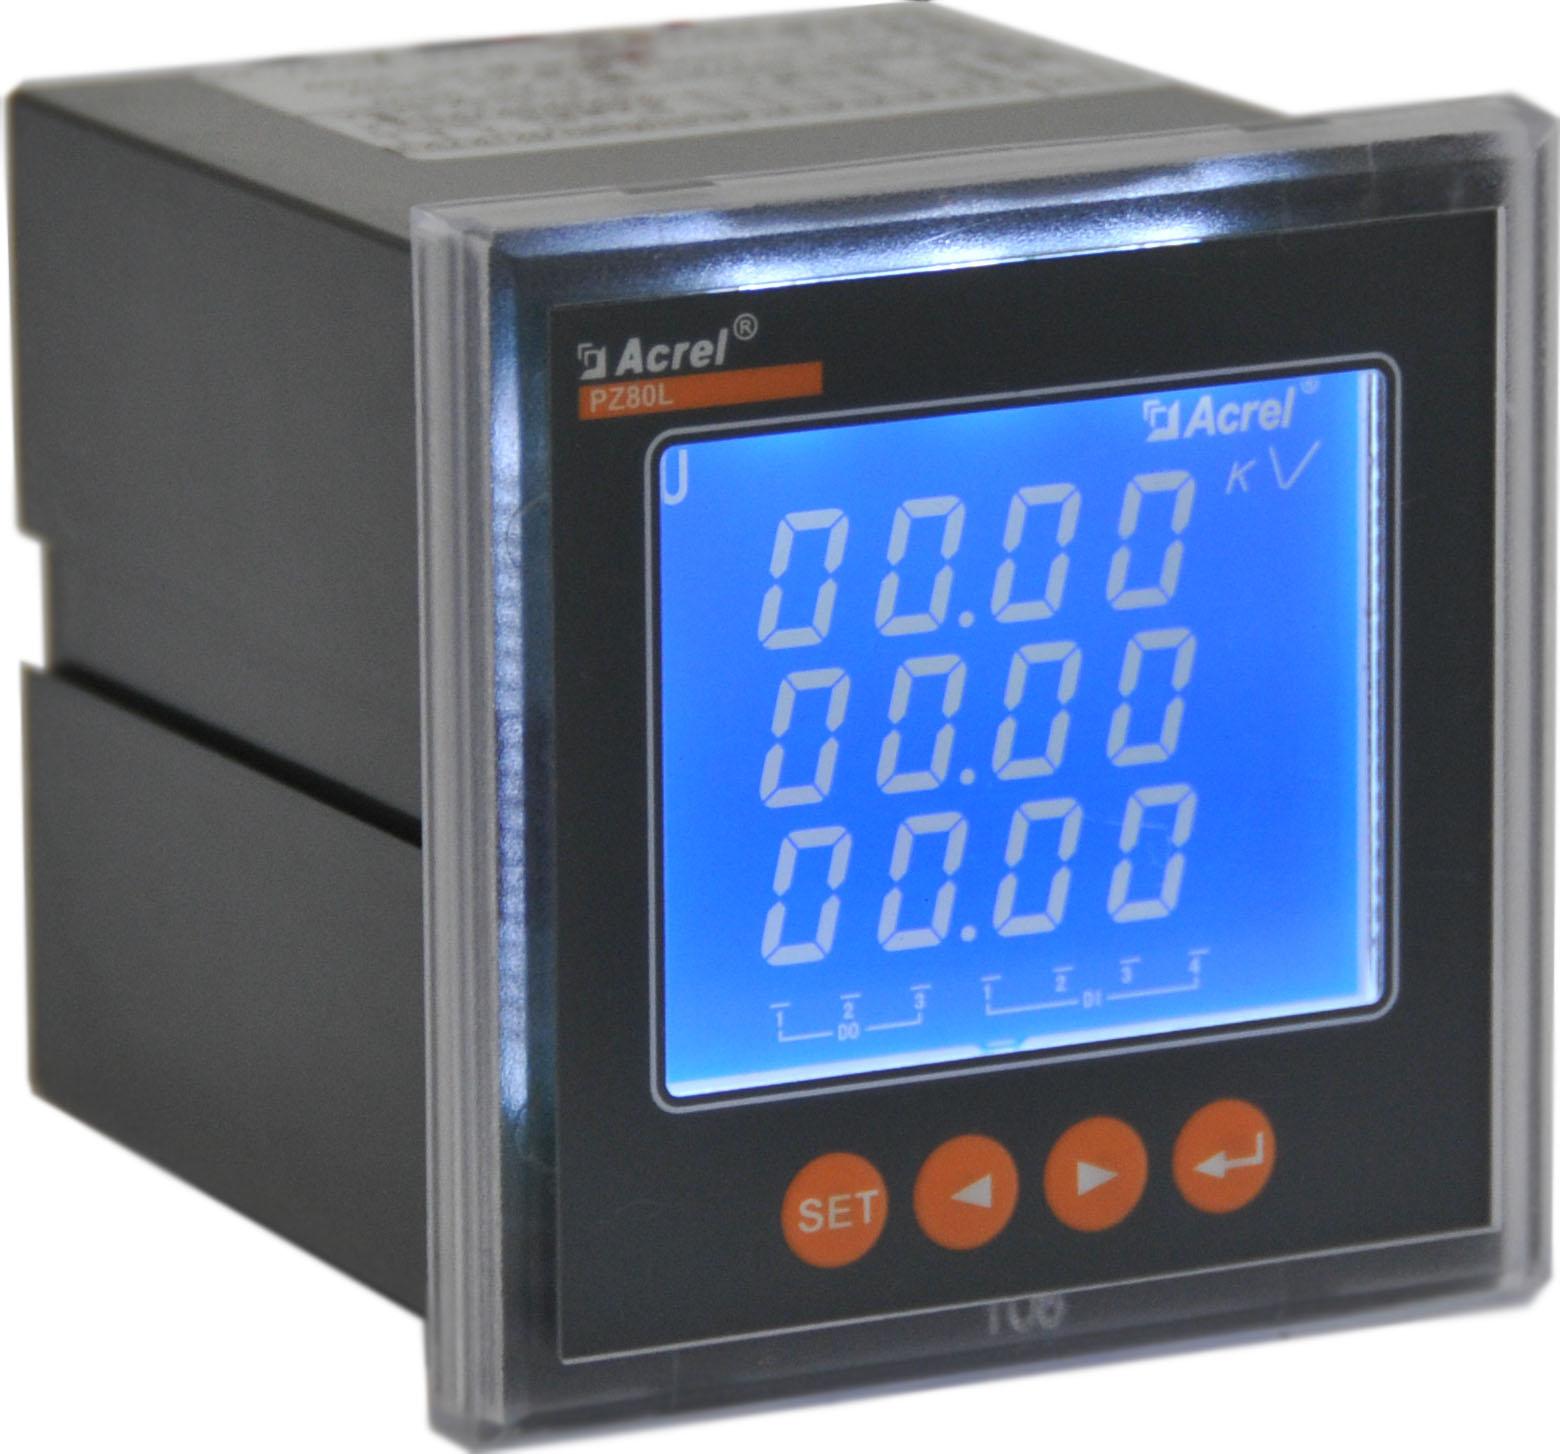 安科瑞PZ80L-E4/KC 多功能电能表 液晶显示 带开关量 RS485通讯